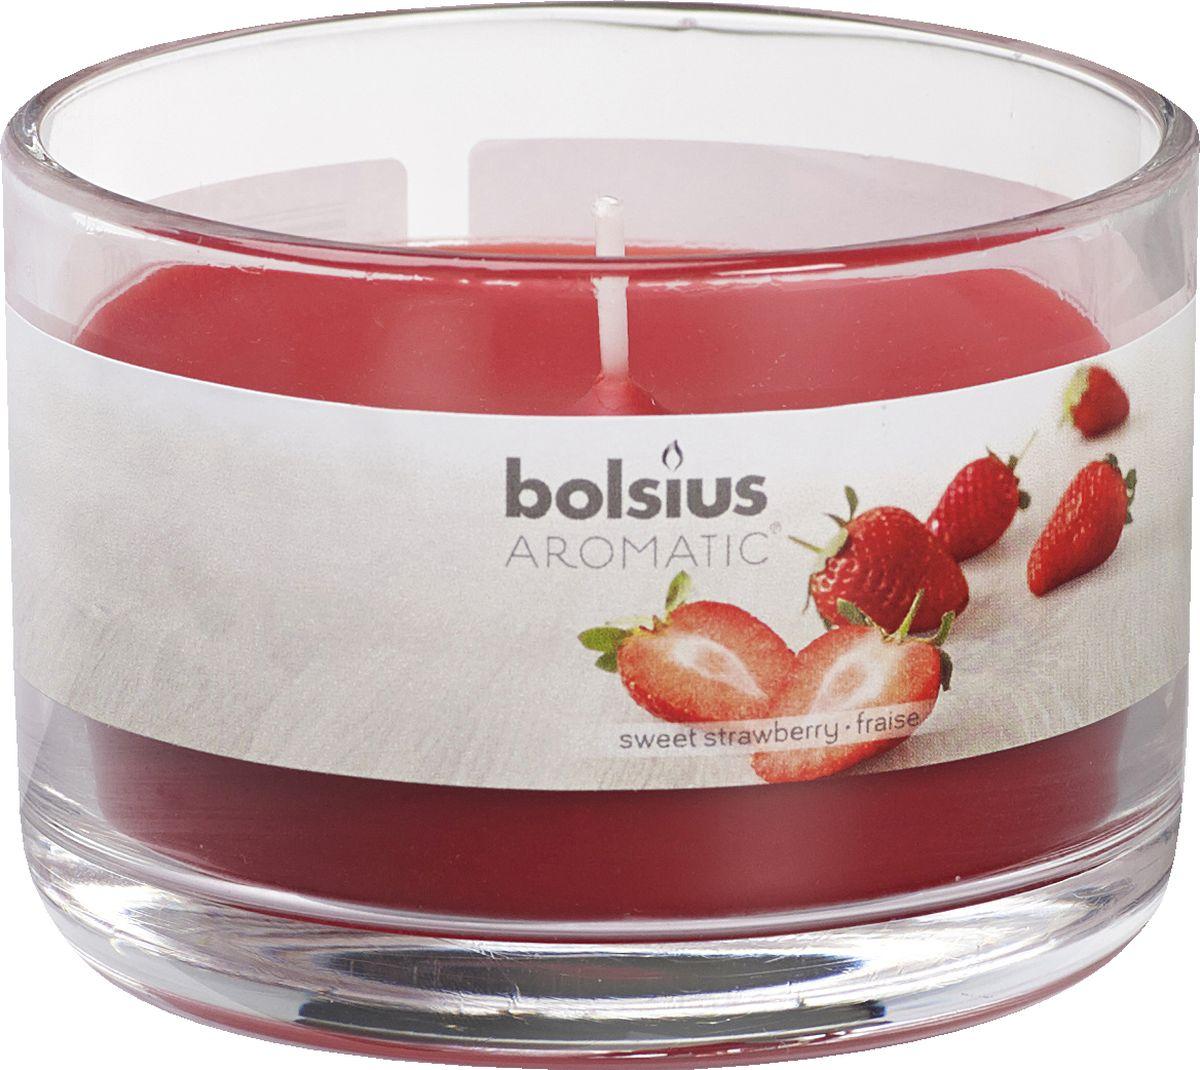 Свеча ароматизированная Bolsius Клубника, высота 6,3 см41619Ароматизированная свеча Bolsius, изготовленная из парафина, помещена в подсвечник, выполненный из стекла. Изделие отличается оригинальным дизайном и приятным ароматом. Такая свеча не только поможет дополнить интерьер вашей комнаты, но и станет отличным подарком.